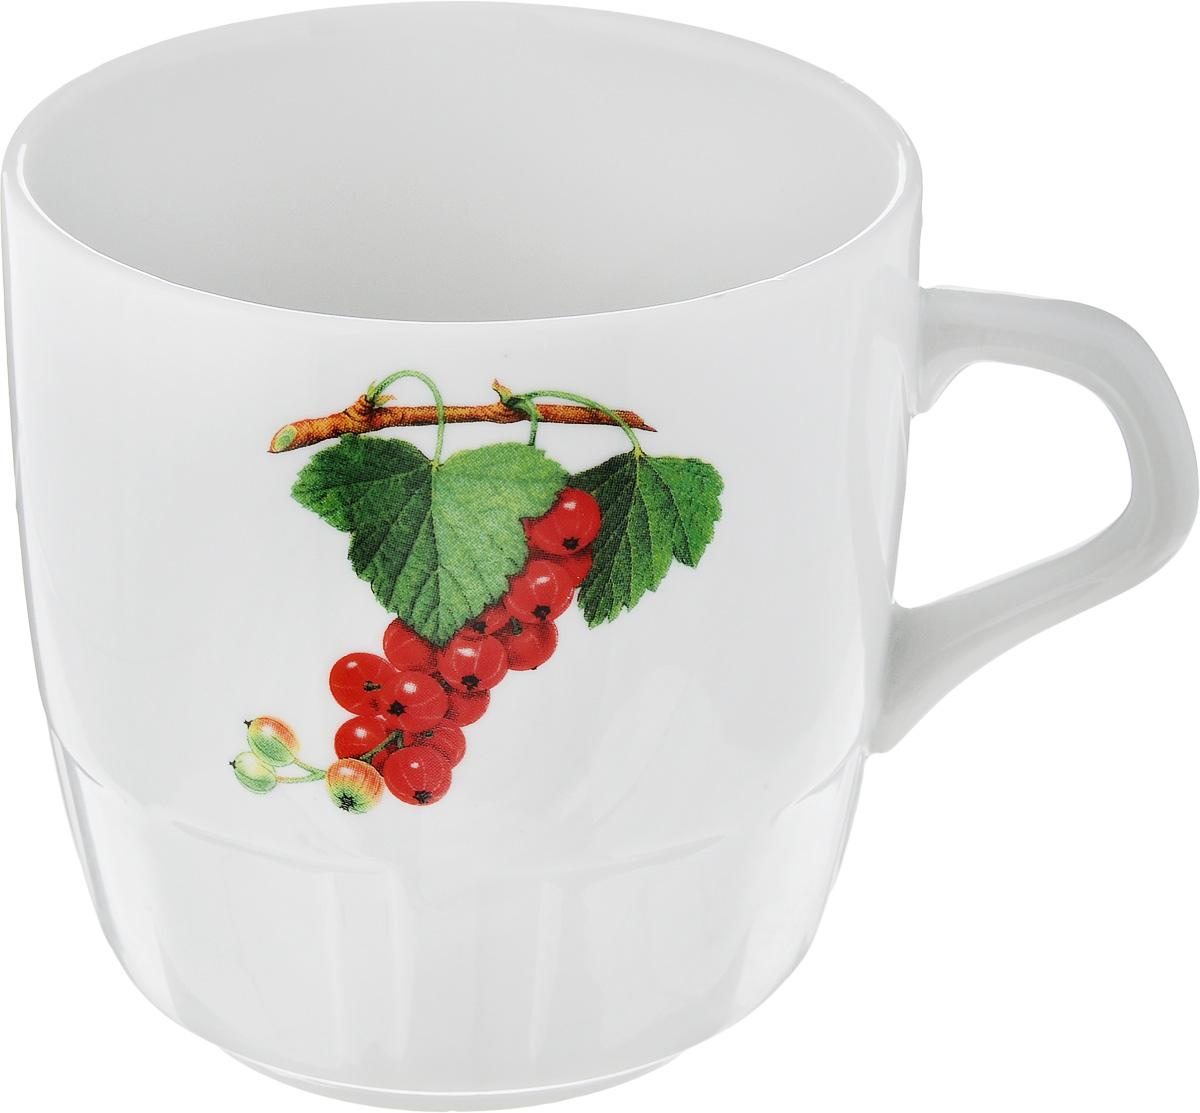 Кружка Фарфор Вербилок Смородина. 58108305810830Красивая фарфоровая кружка способна скрасить любое чаепитие. Посуда из такого материала позволяет сохранить истинный вкус напитка, а также помогает ему дольше оставаться теплым.